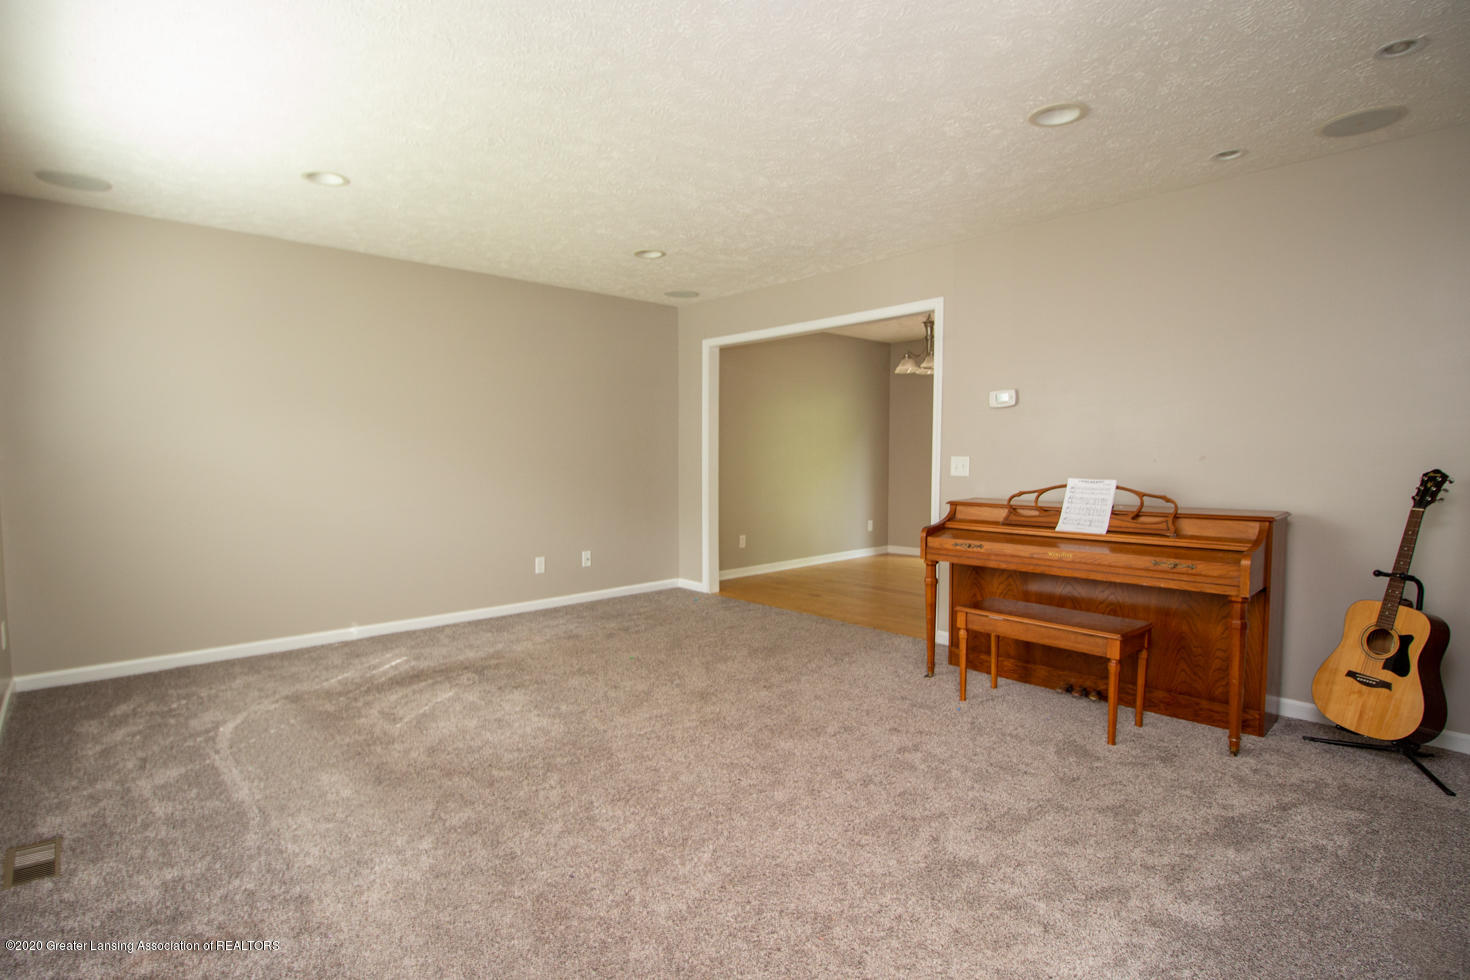 2064 Arbor Meadows Dr - Living Room - 3